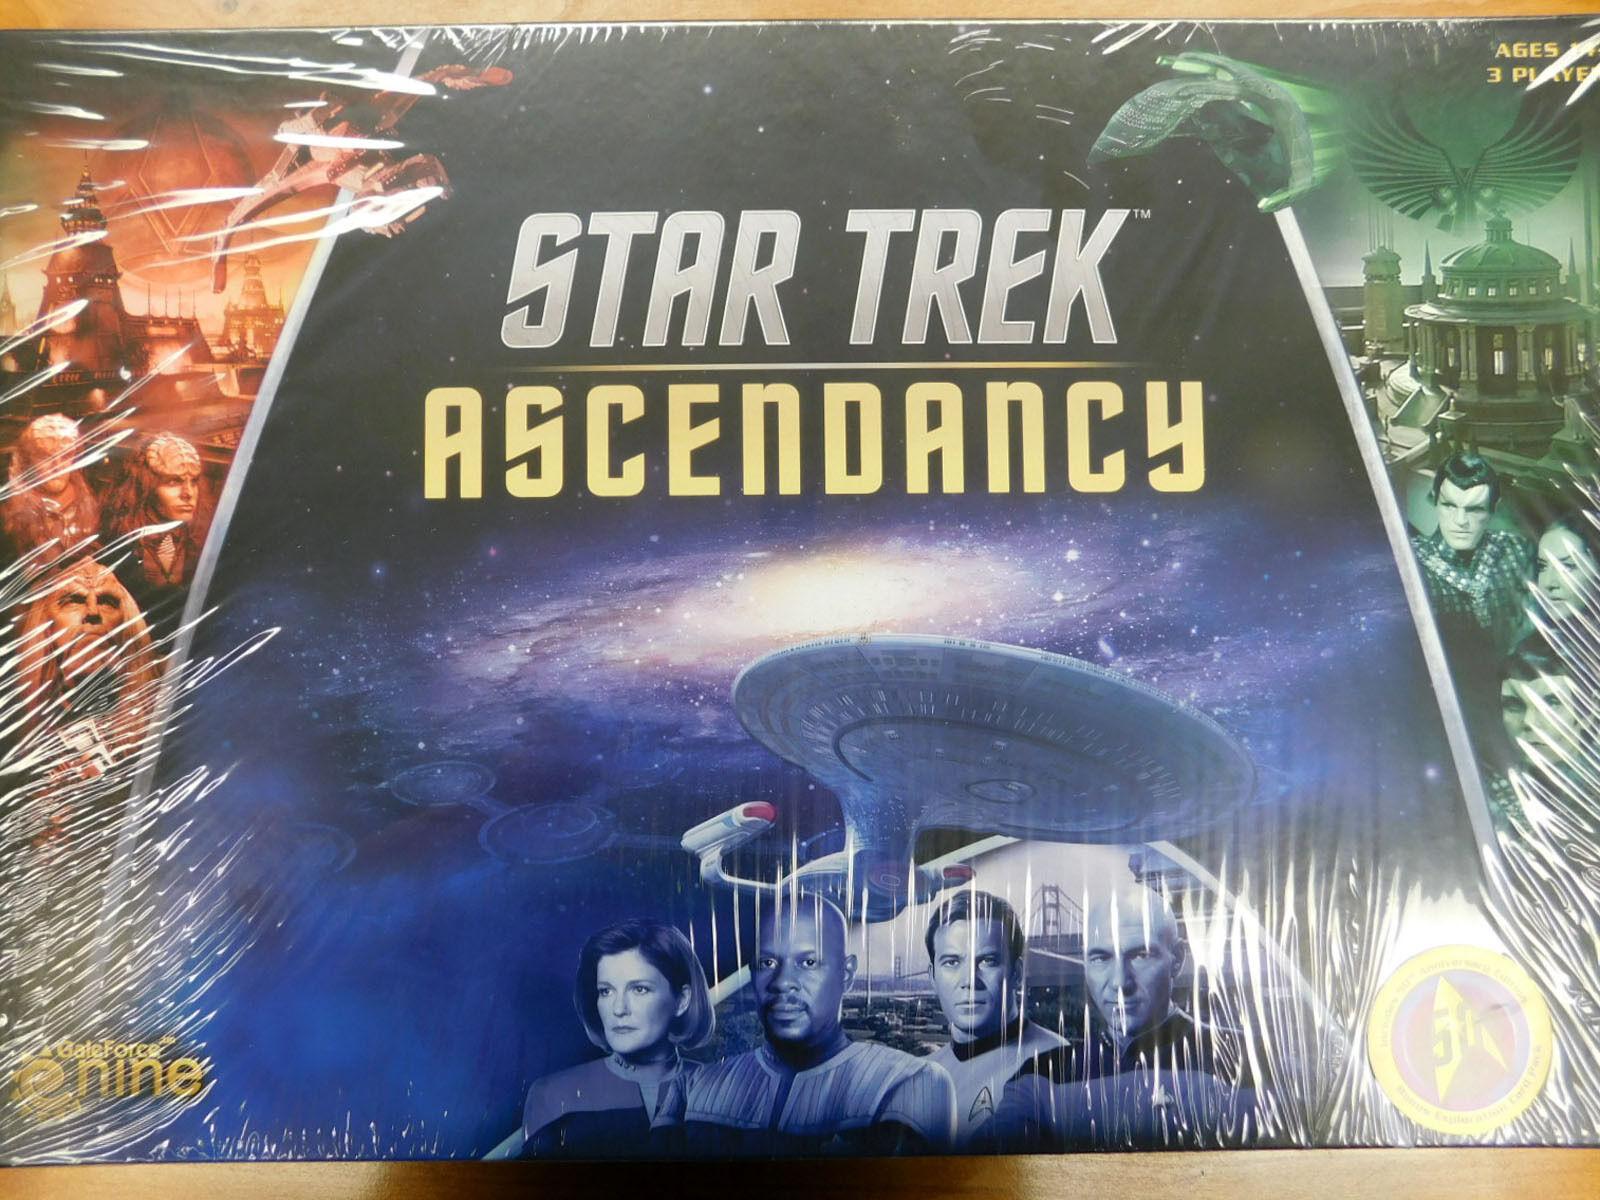 Gale Force 9 Star Trek  l'ascendant-Comme neuf in Shrink-wrap   livraison gratuite et rapide disponible